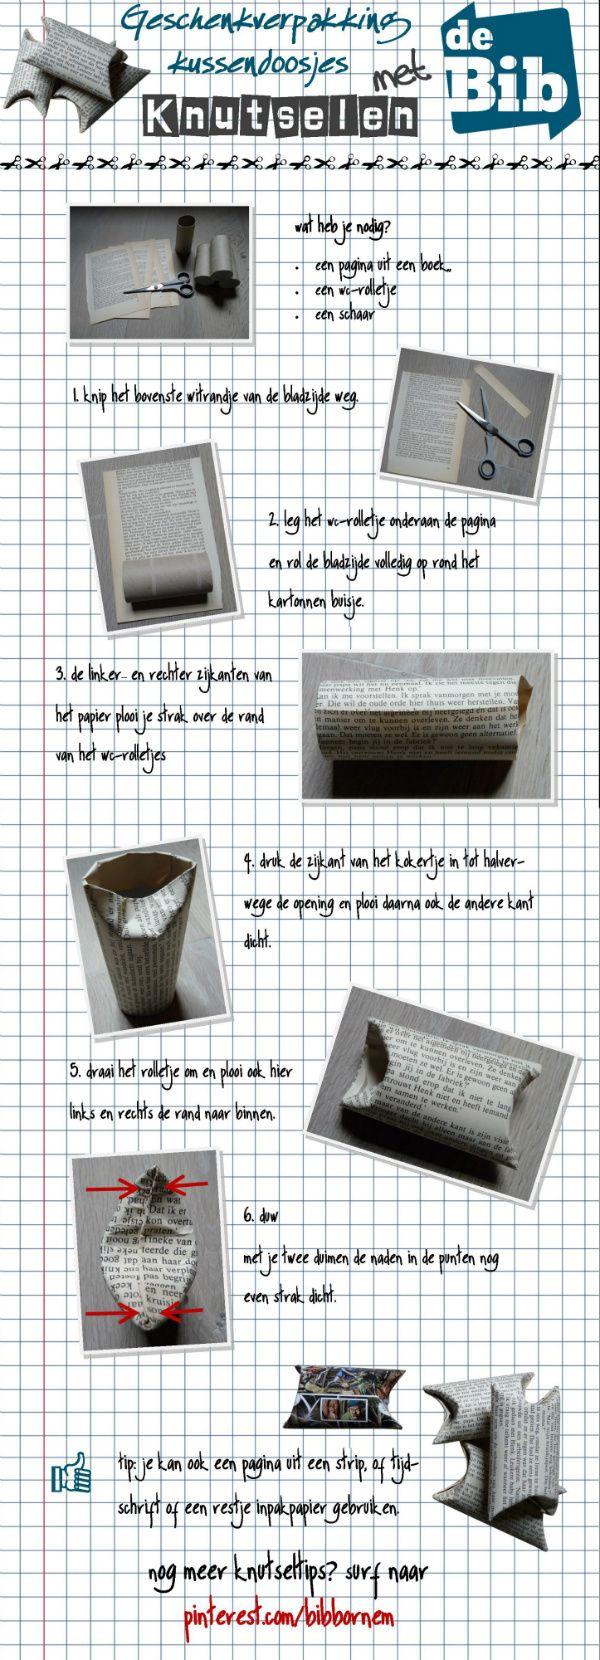 Geschenkverpakking - een kussendoosje om kleine cadeautjes of geld in te pakken